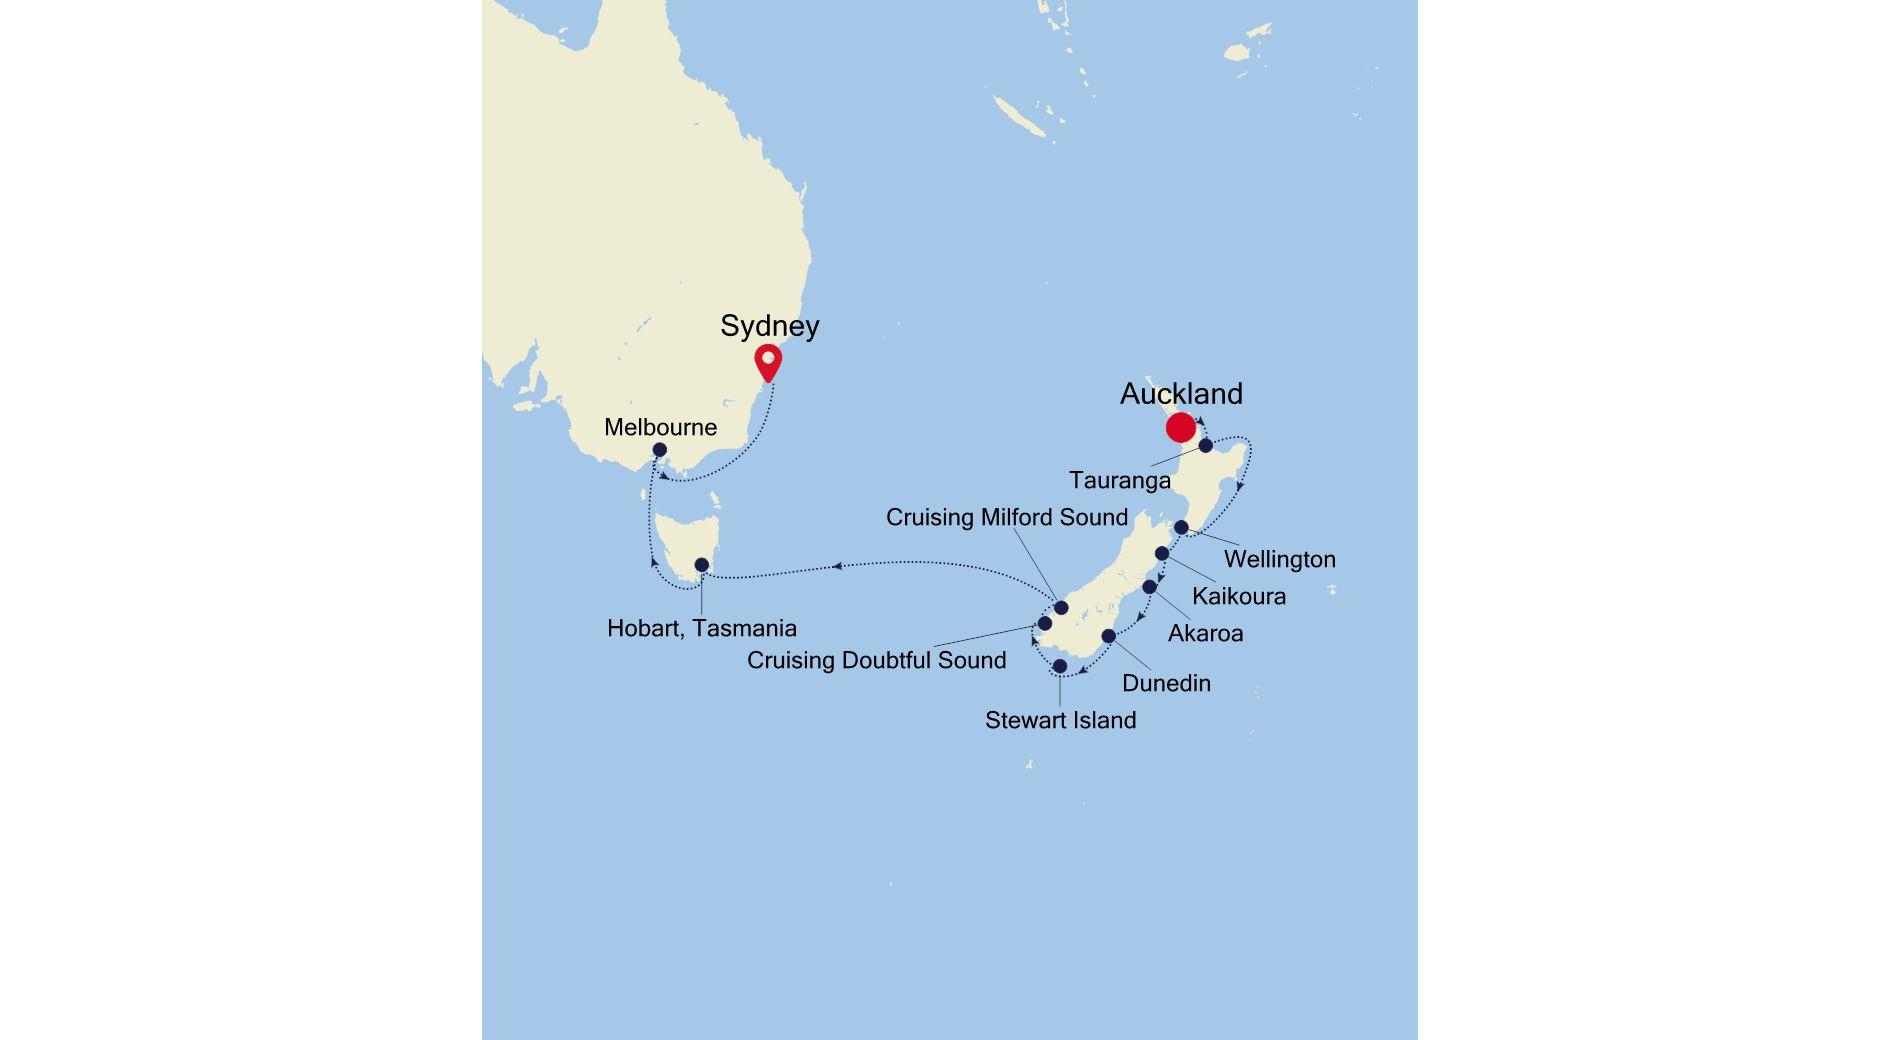 SM220103015 - Auckland à Sydney